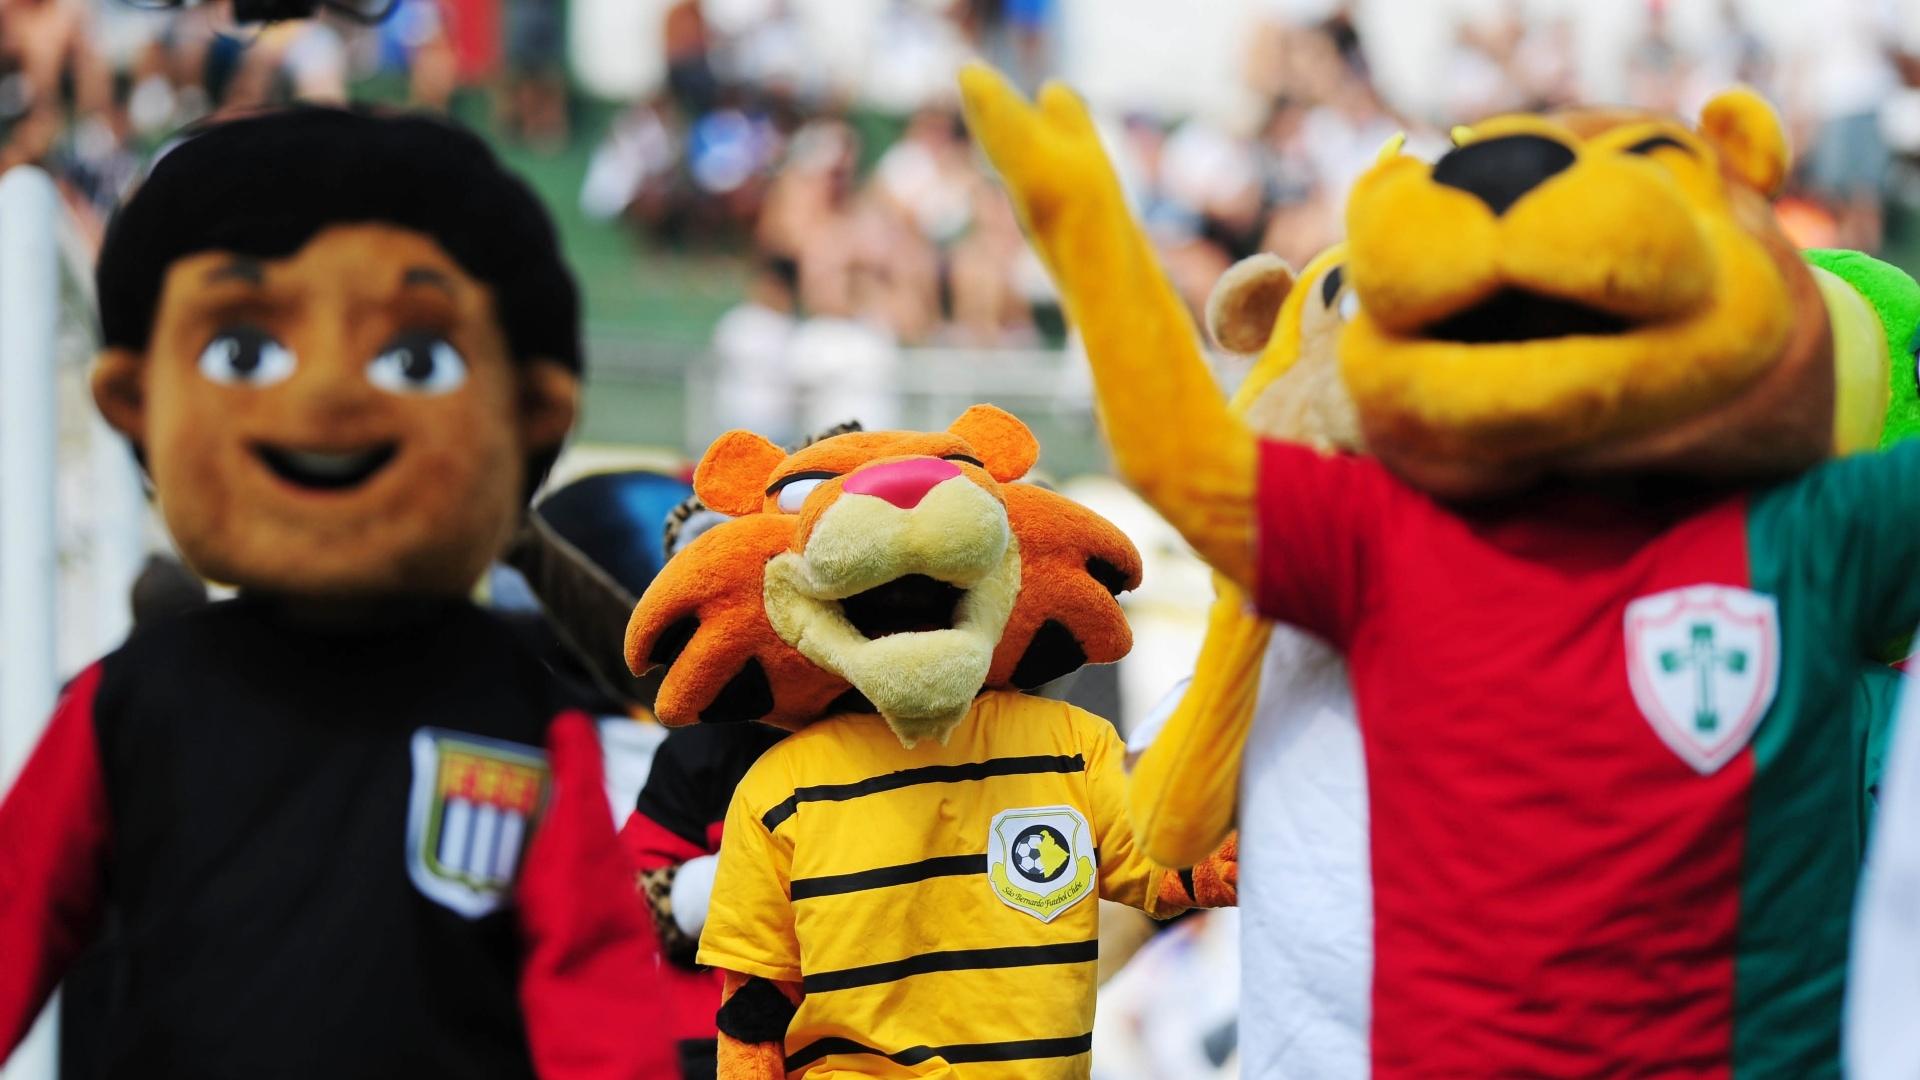 19.jan.2014 - Mascotes dos clubes do Campeonato Paulista 2014 participaram da cerimônia de abertura do torneio